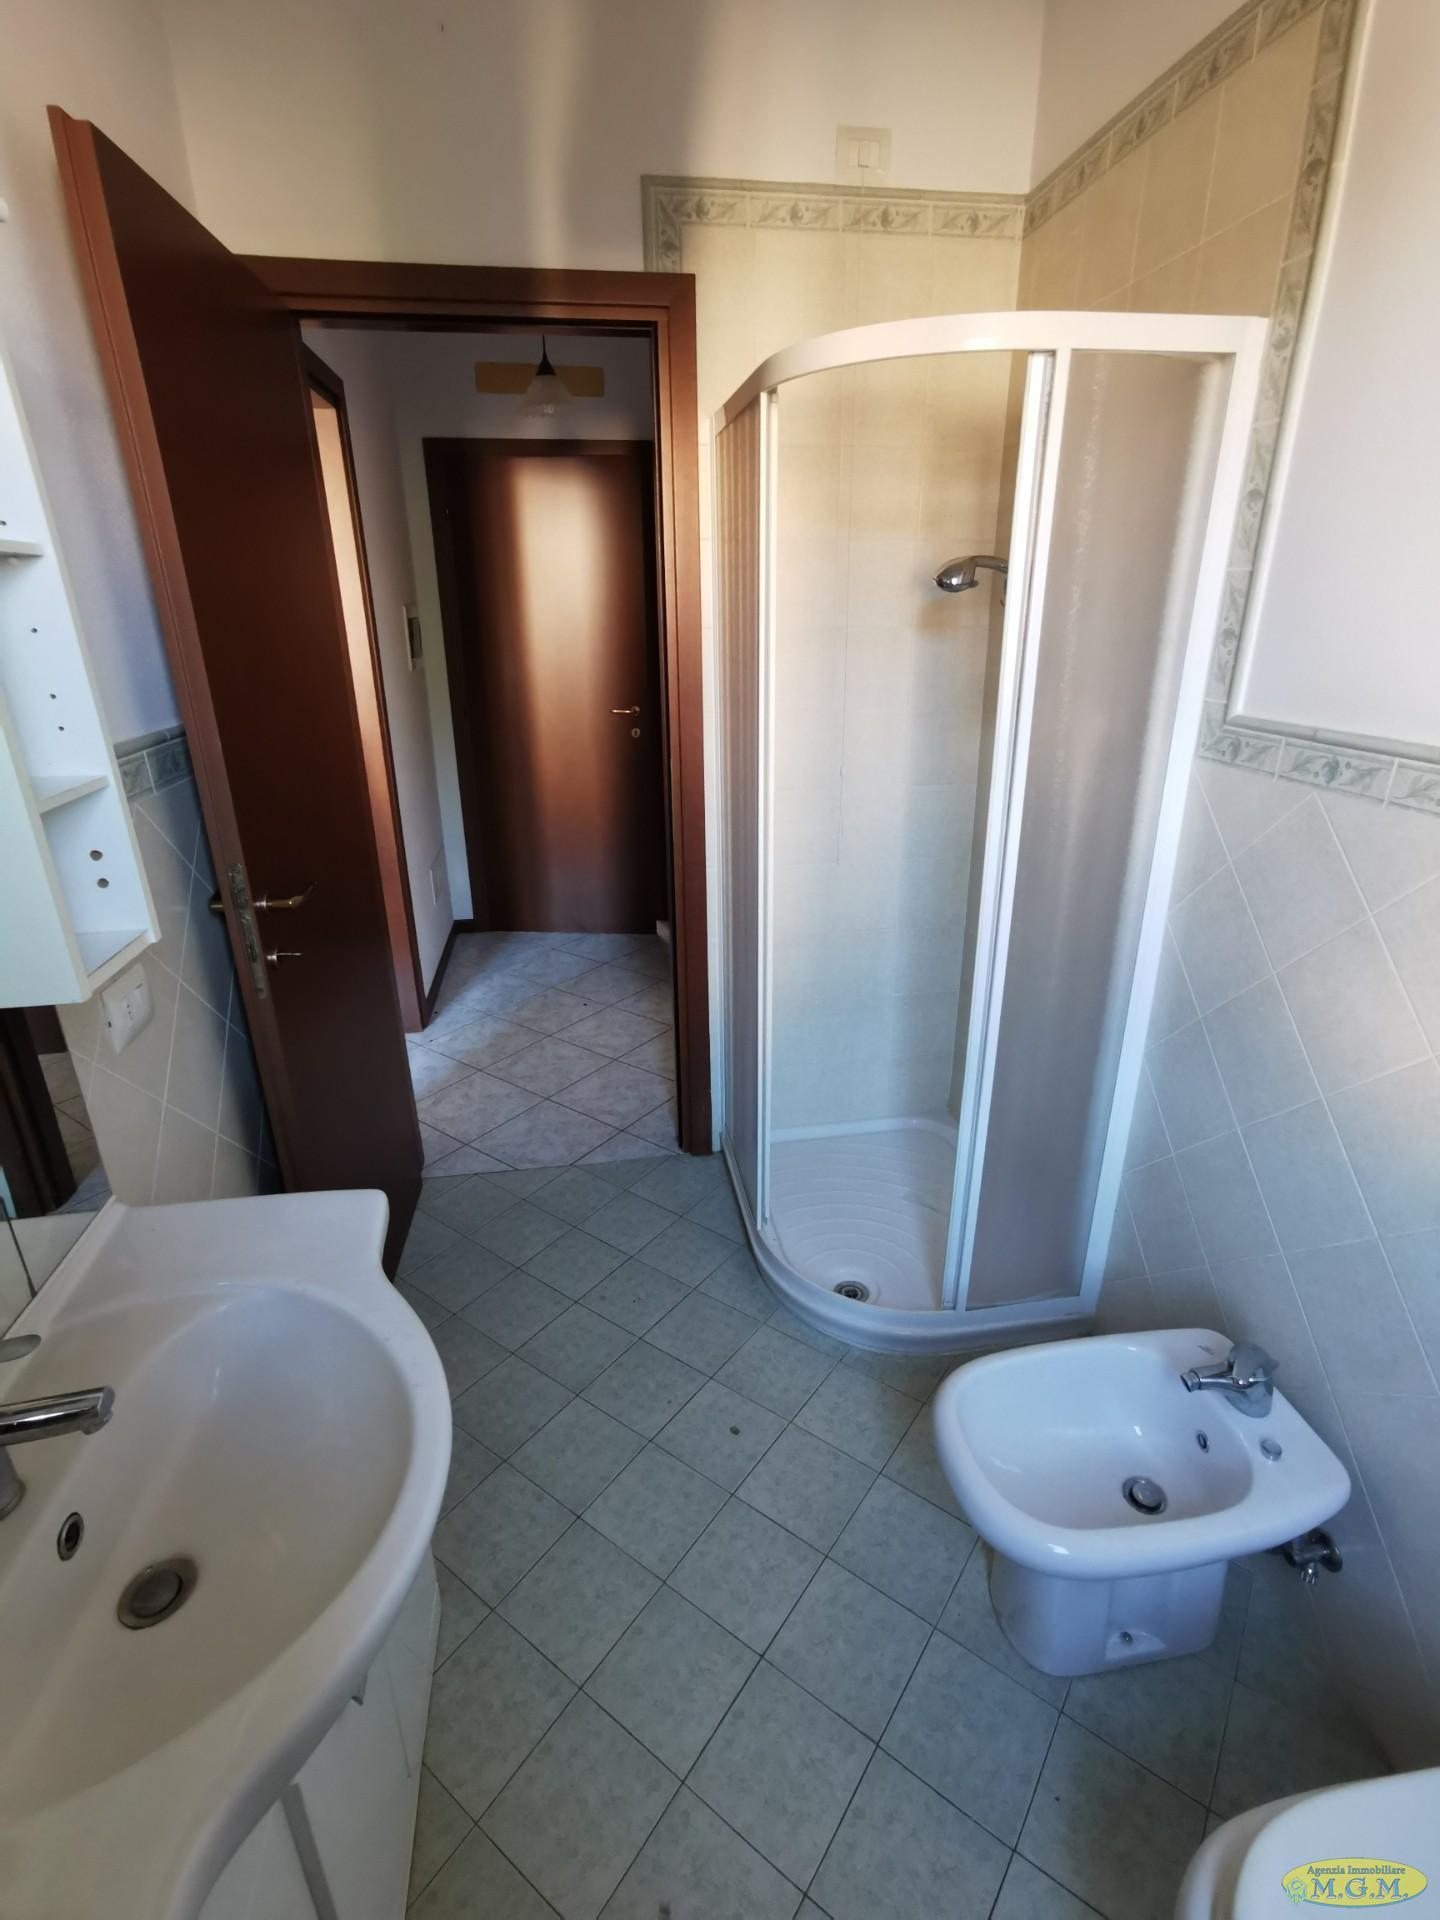 Mgmnet.it: Appartamento in vendita a Montopoli in Val d'Arno